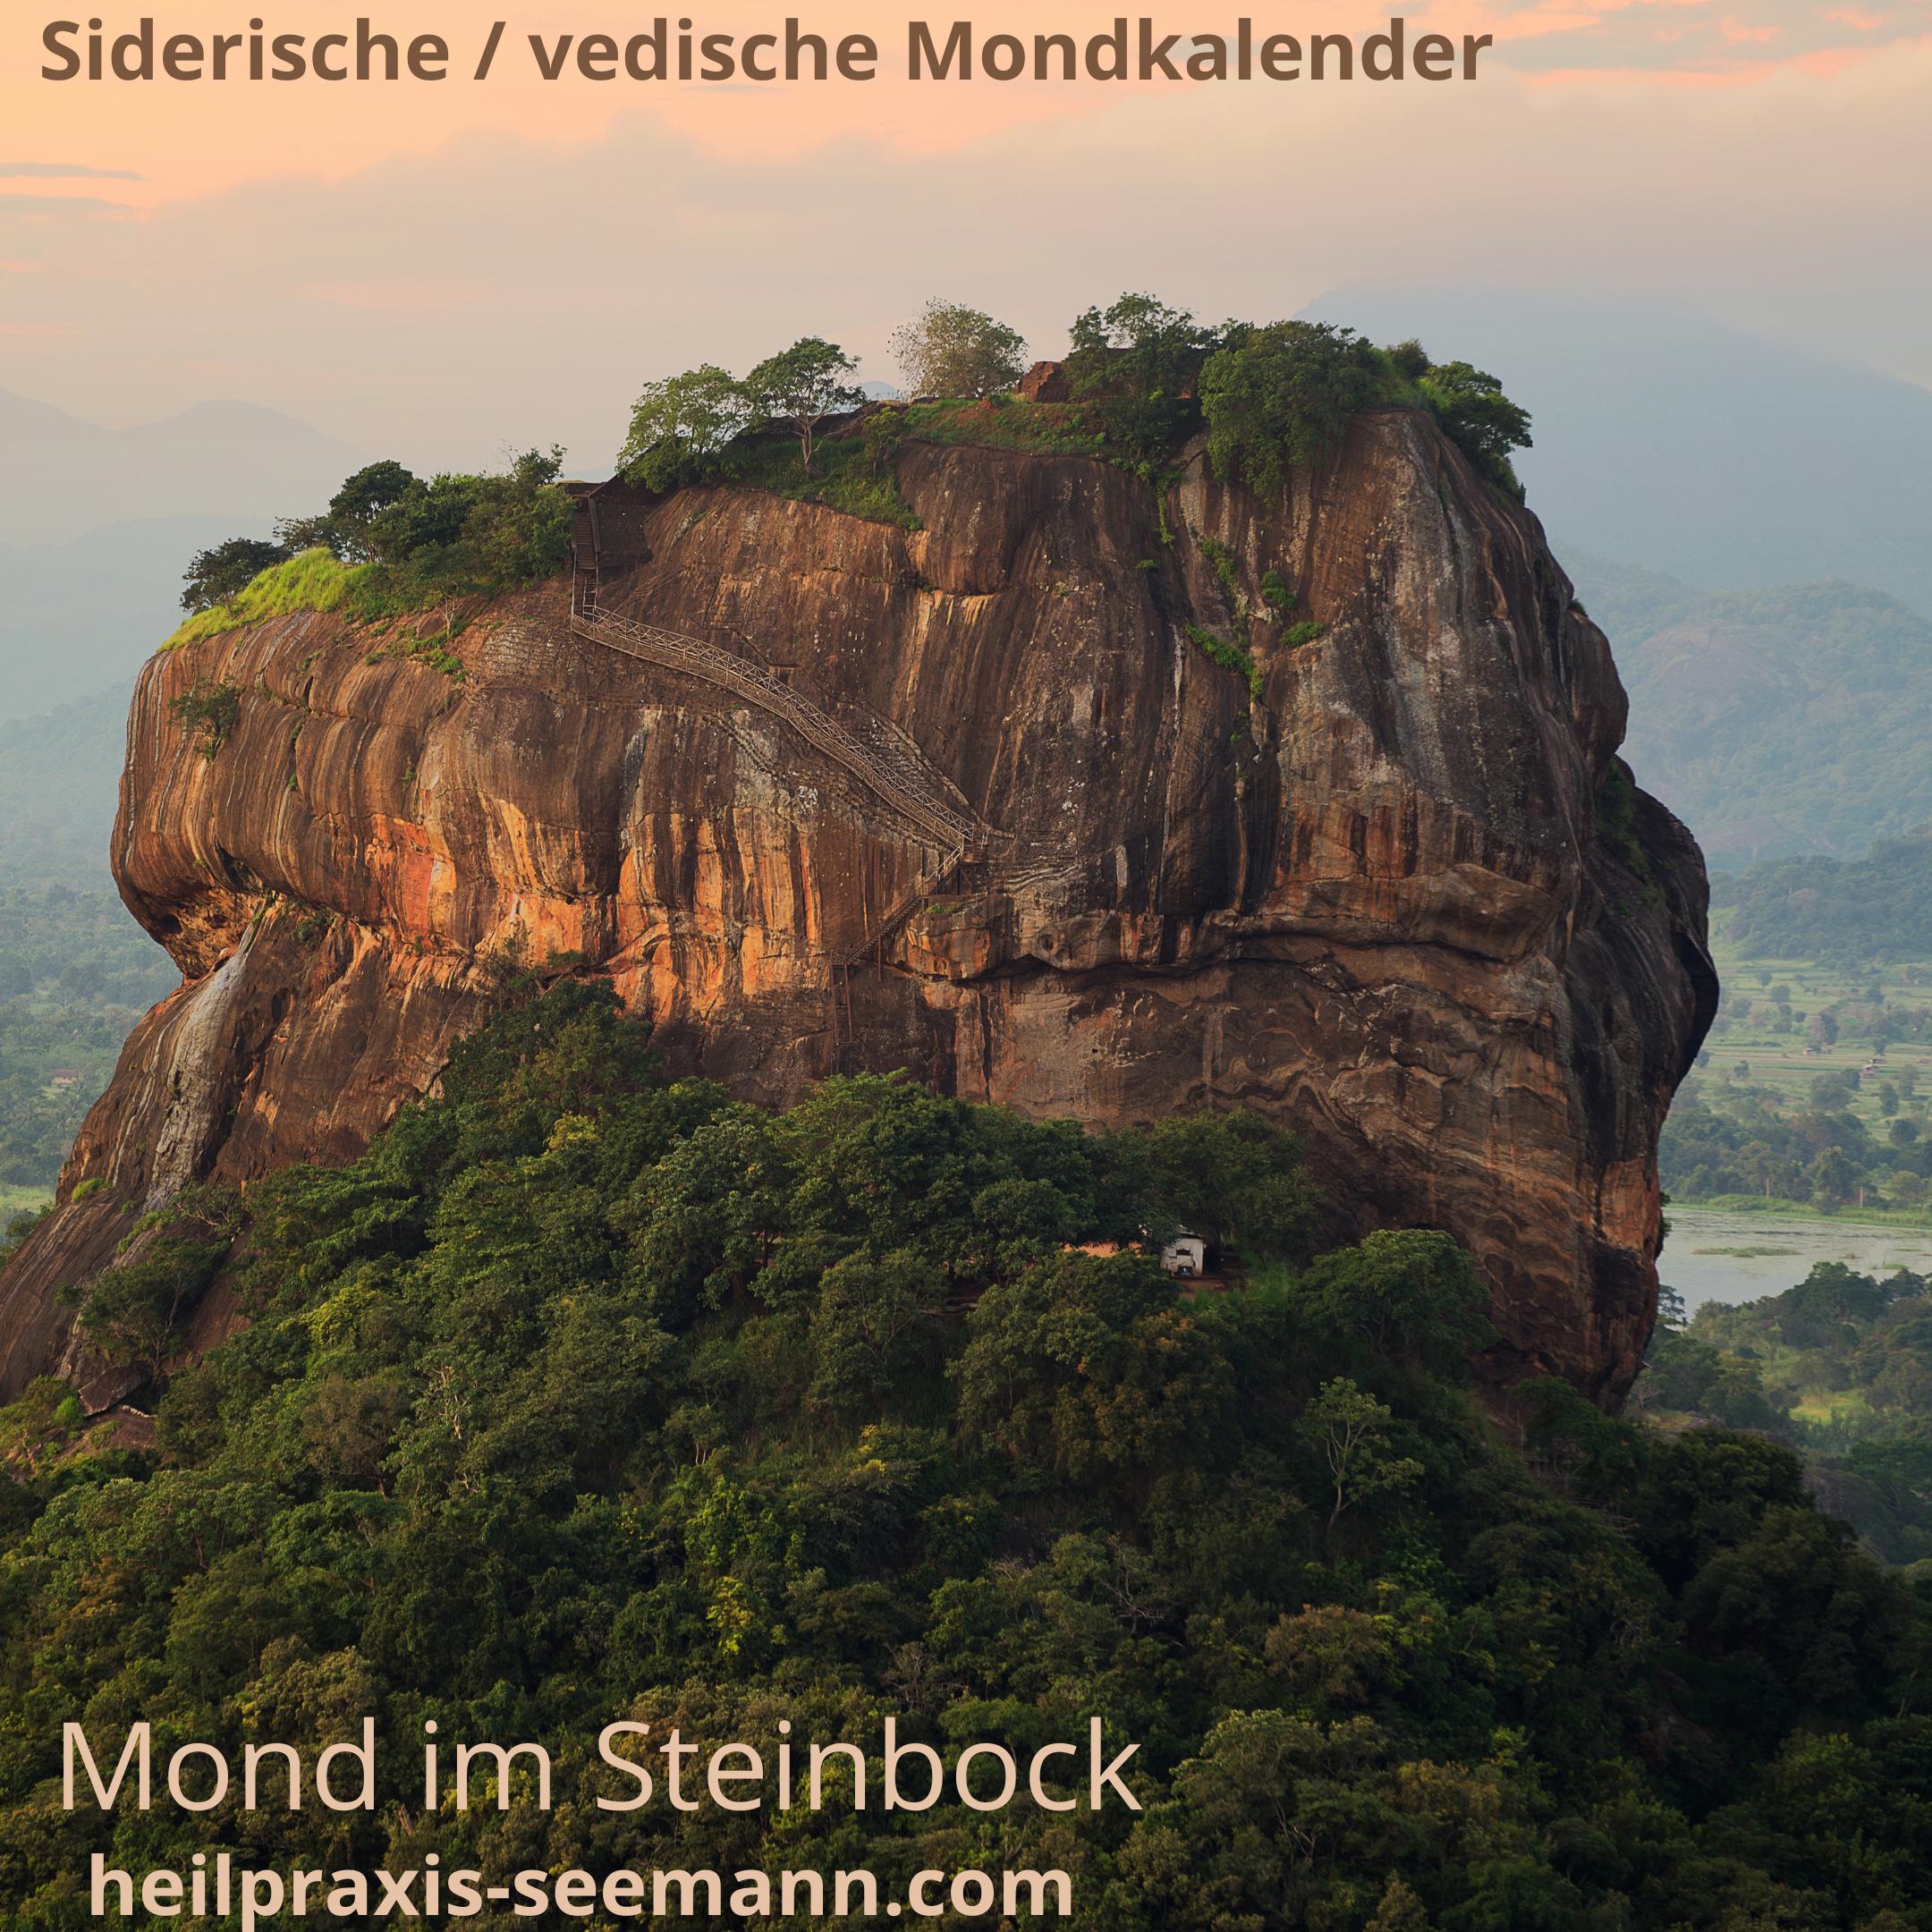 Siderische Mondkalender Mond im Steinbock